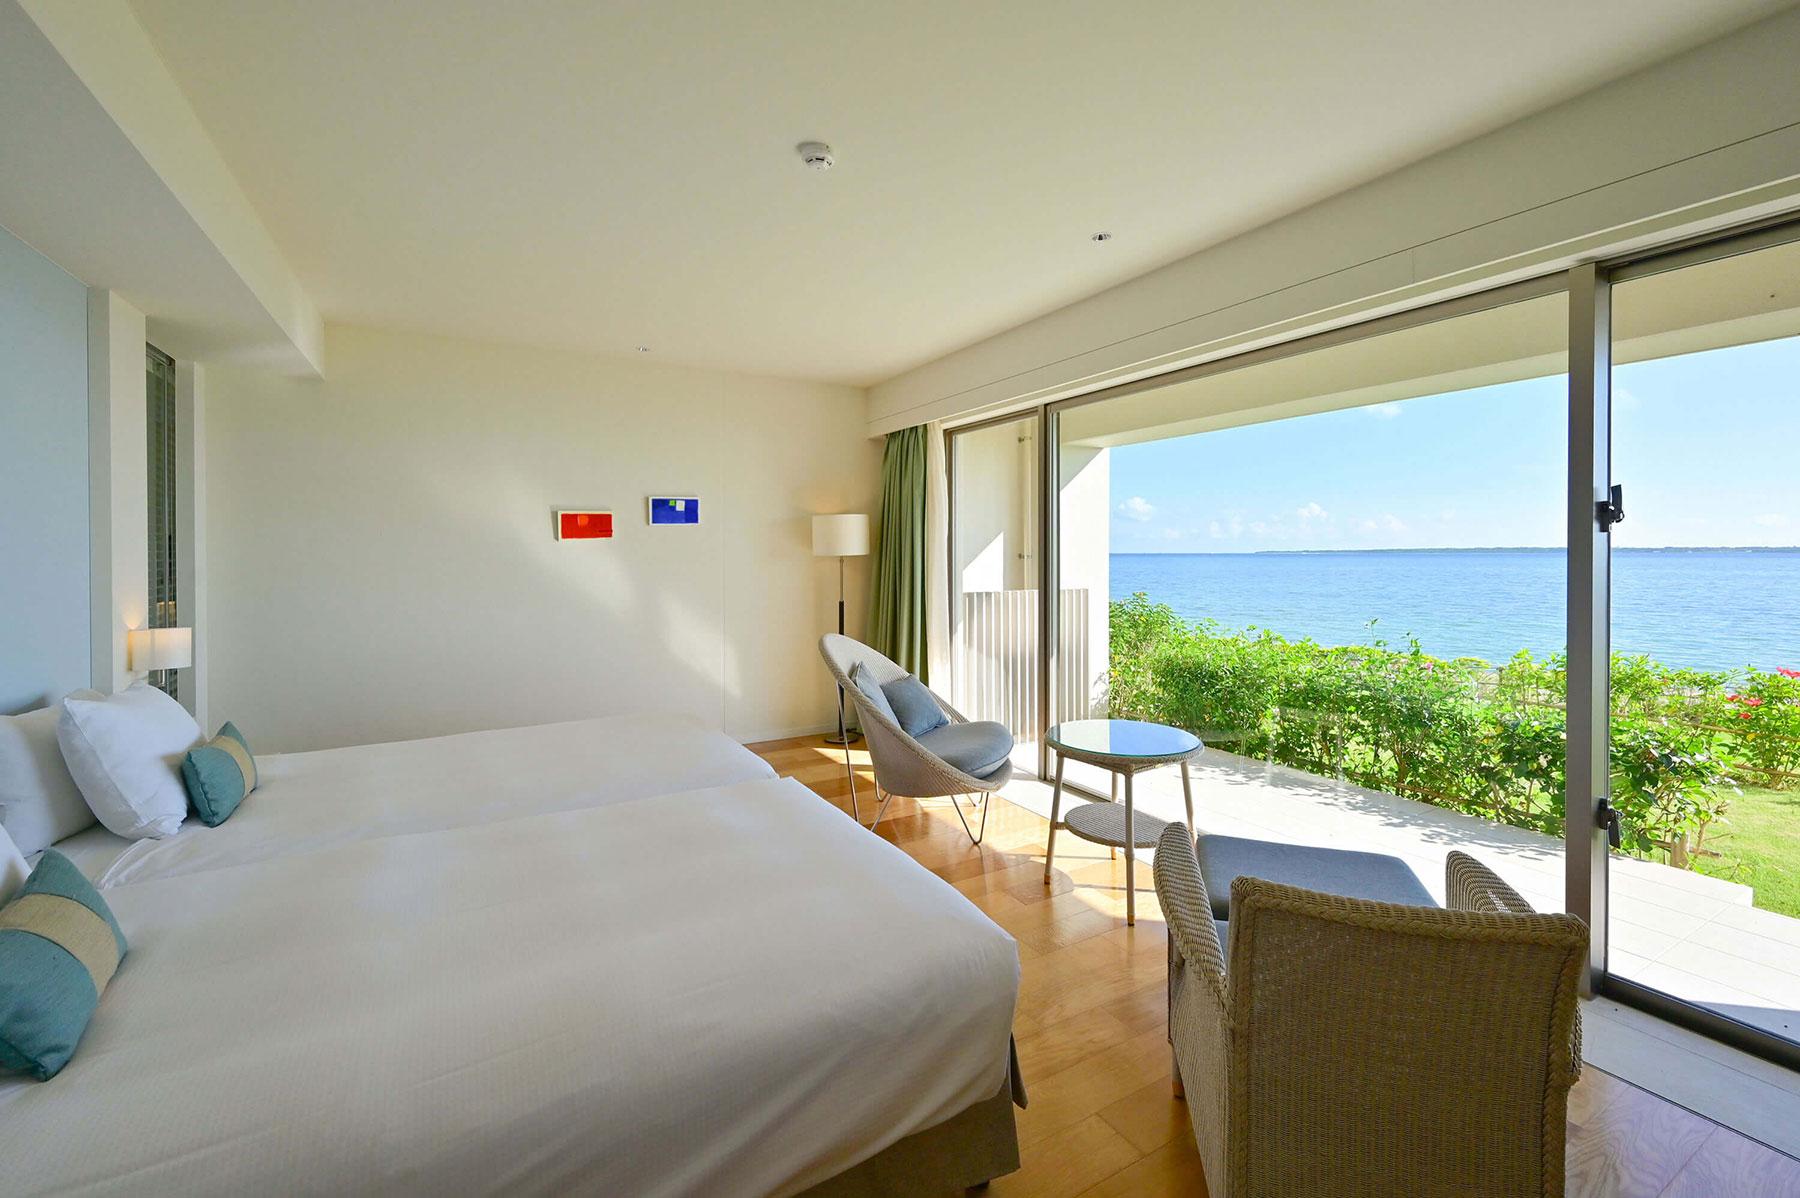 目前に石垣島の海を望む新館オーシャンガーデン「ビューバスコンフォート」